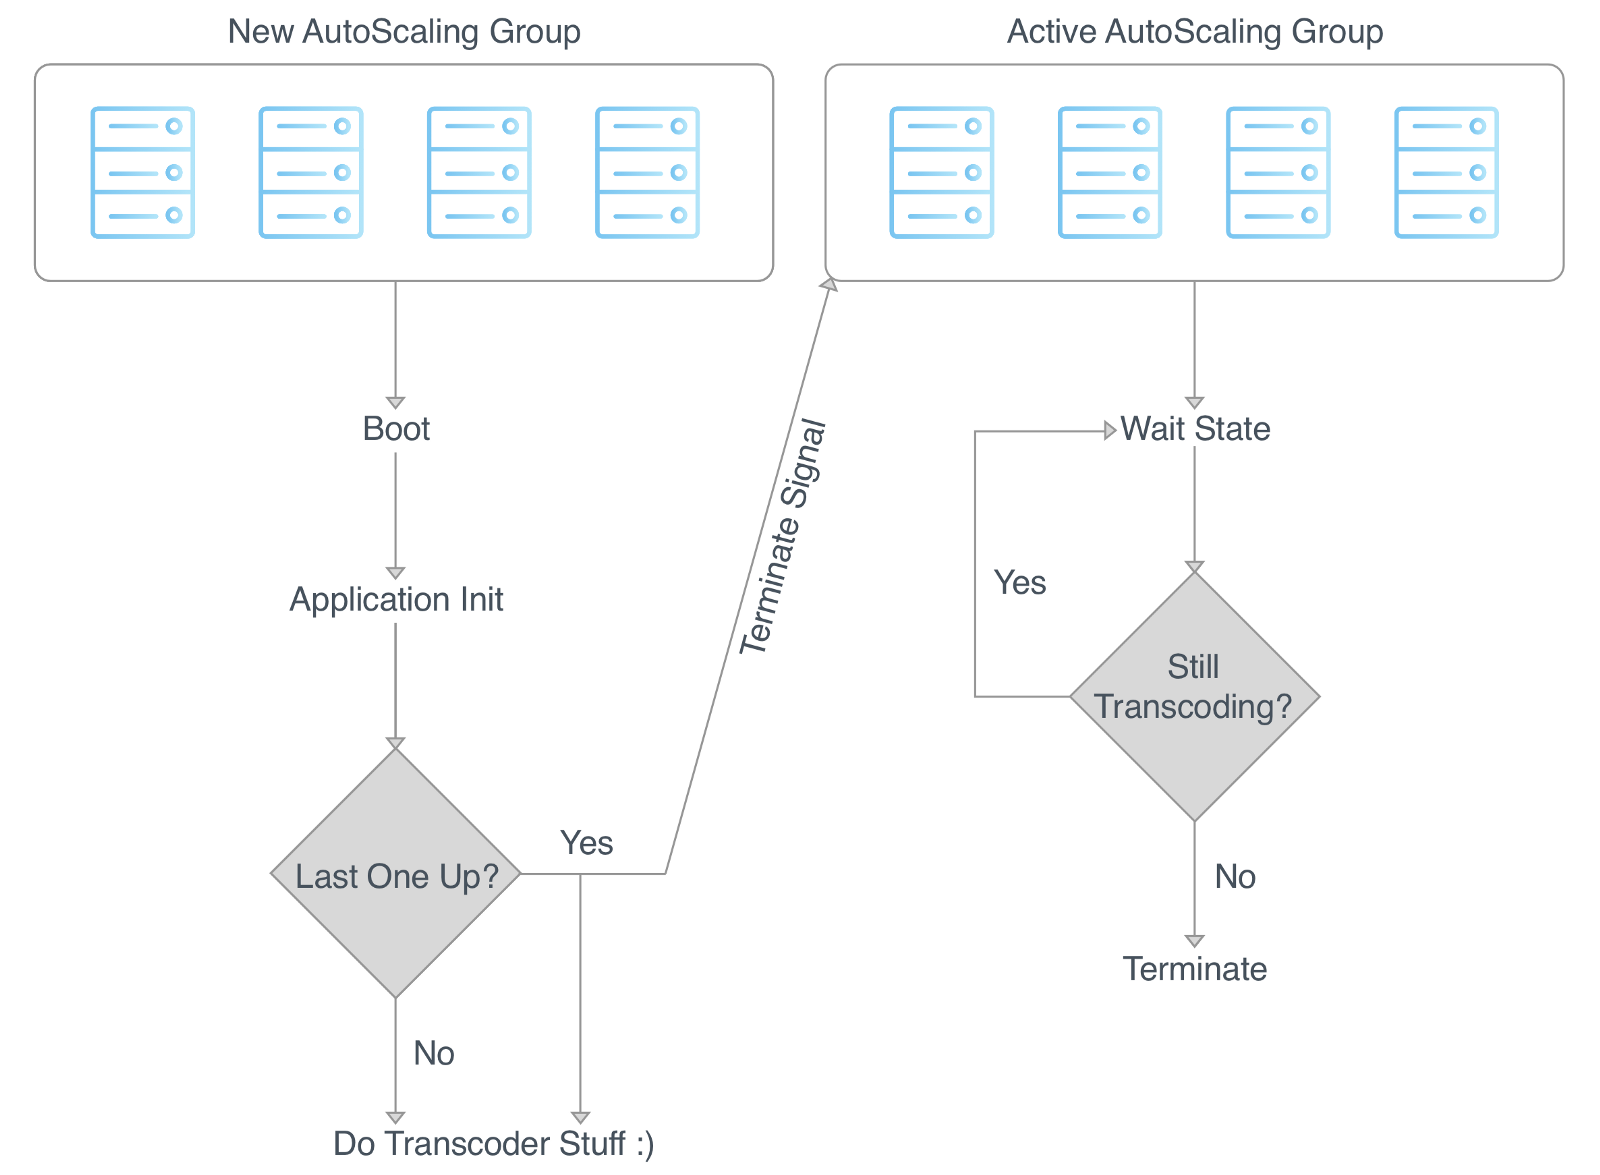 Loom transcoder deployment architecture